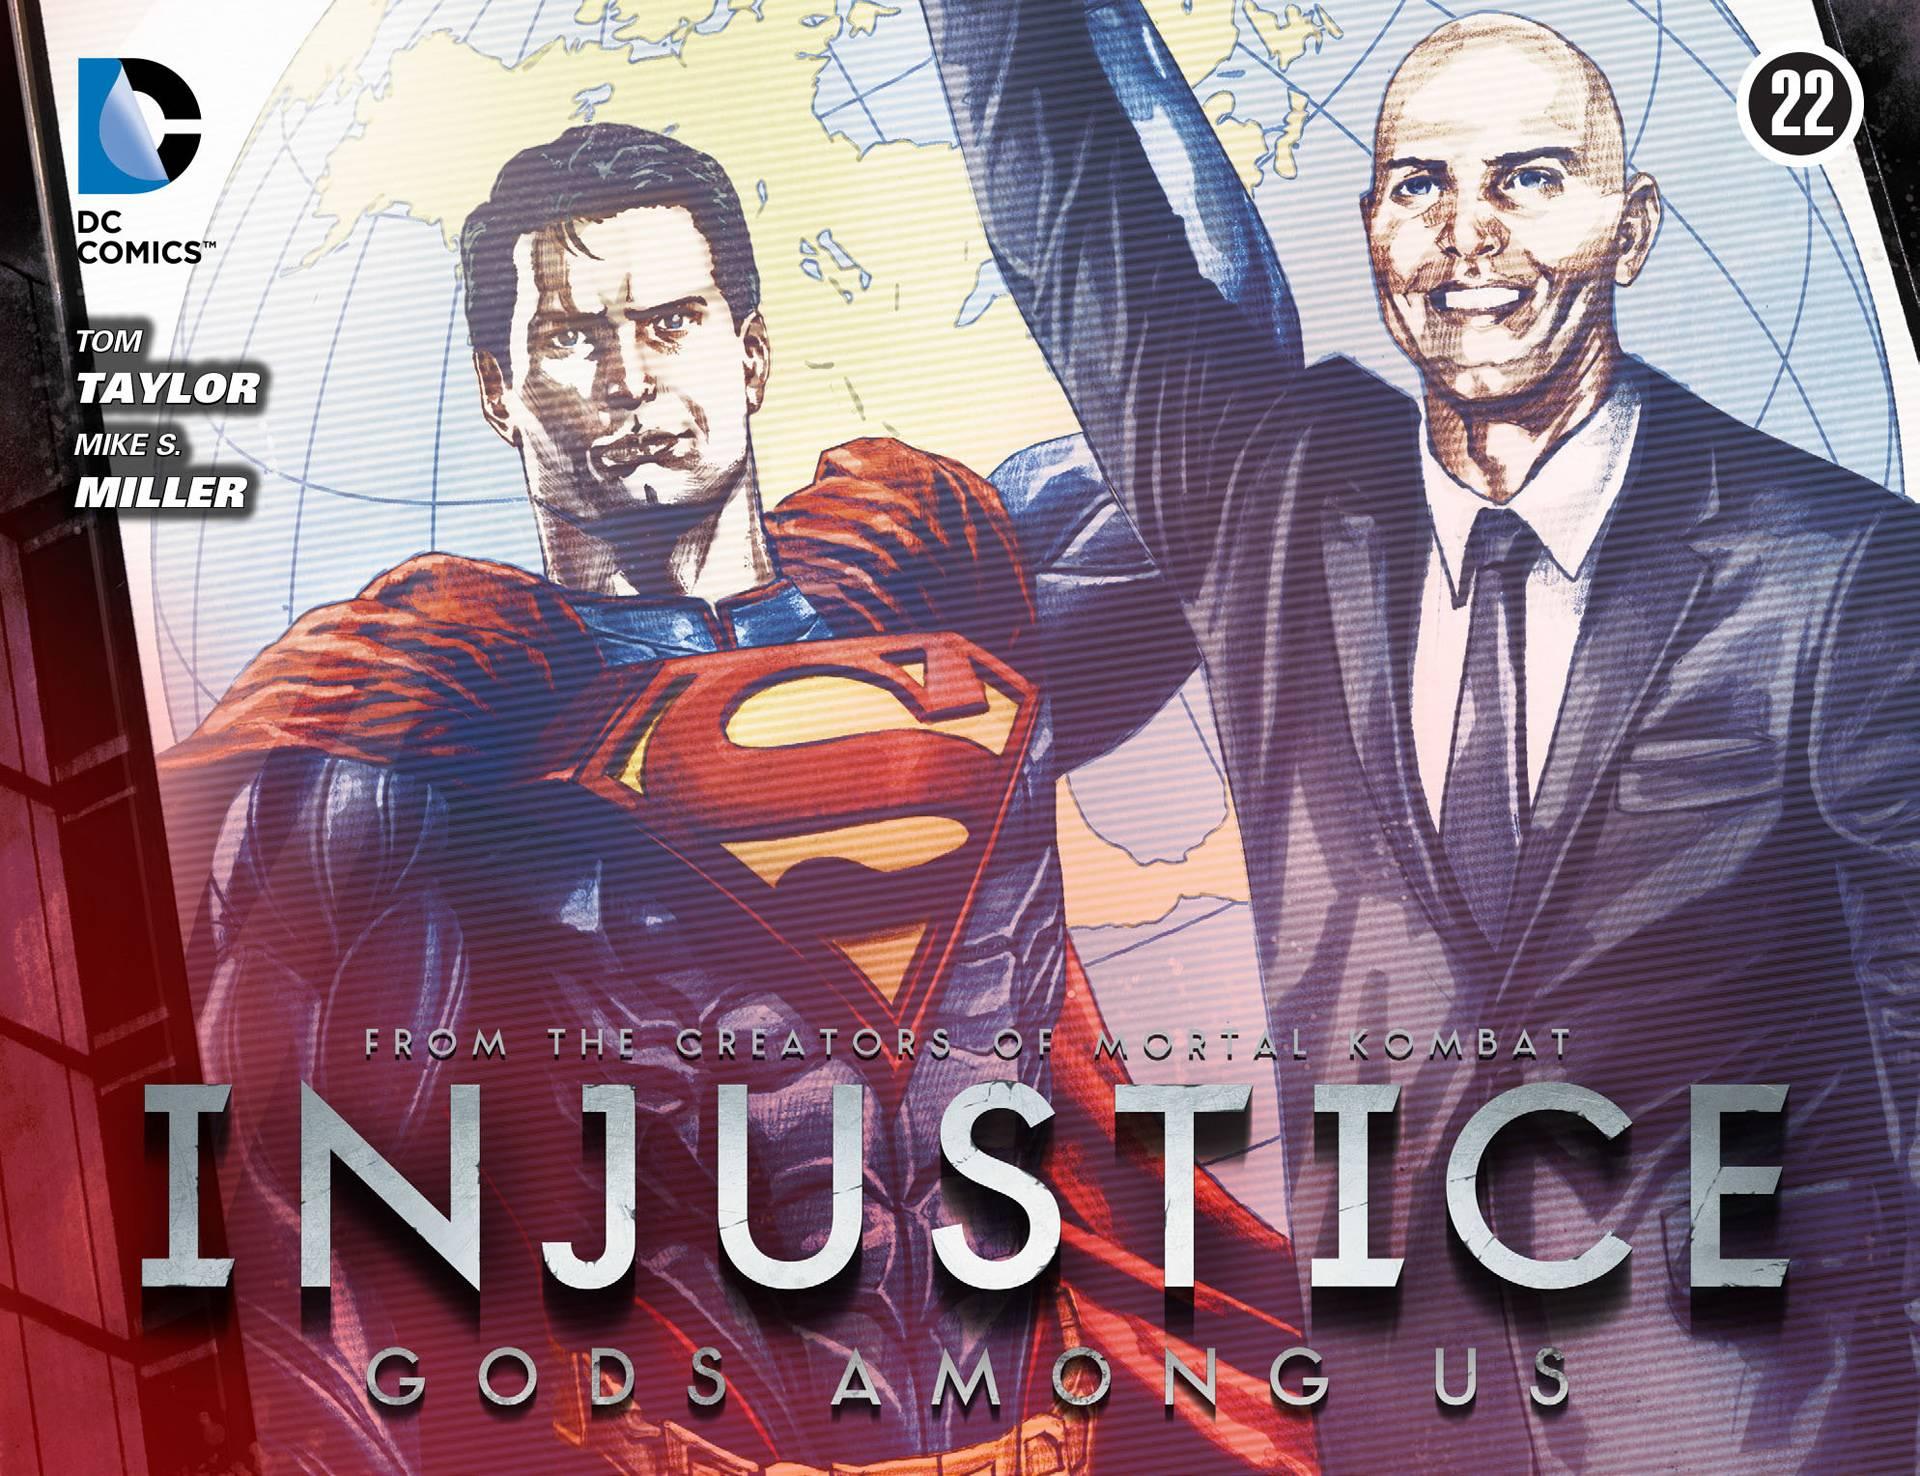 Несправедливость: Боги Среди Нас №24 онлайн